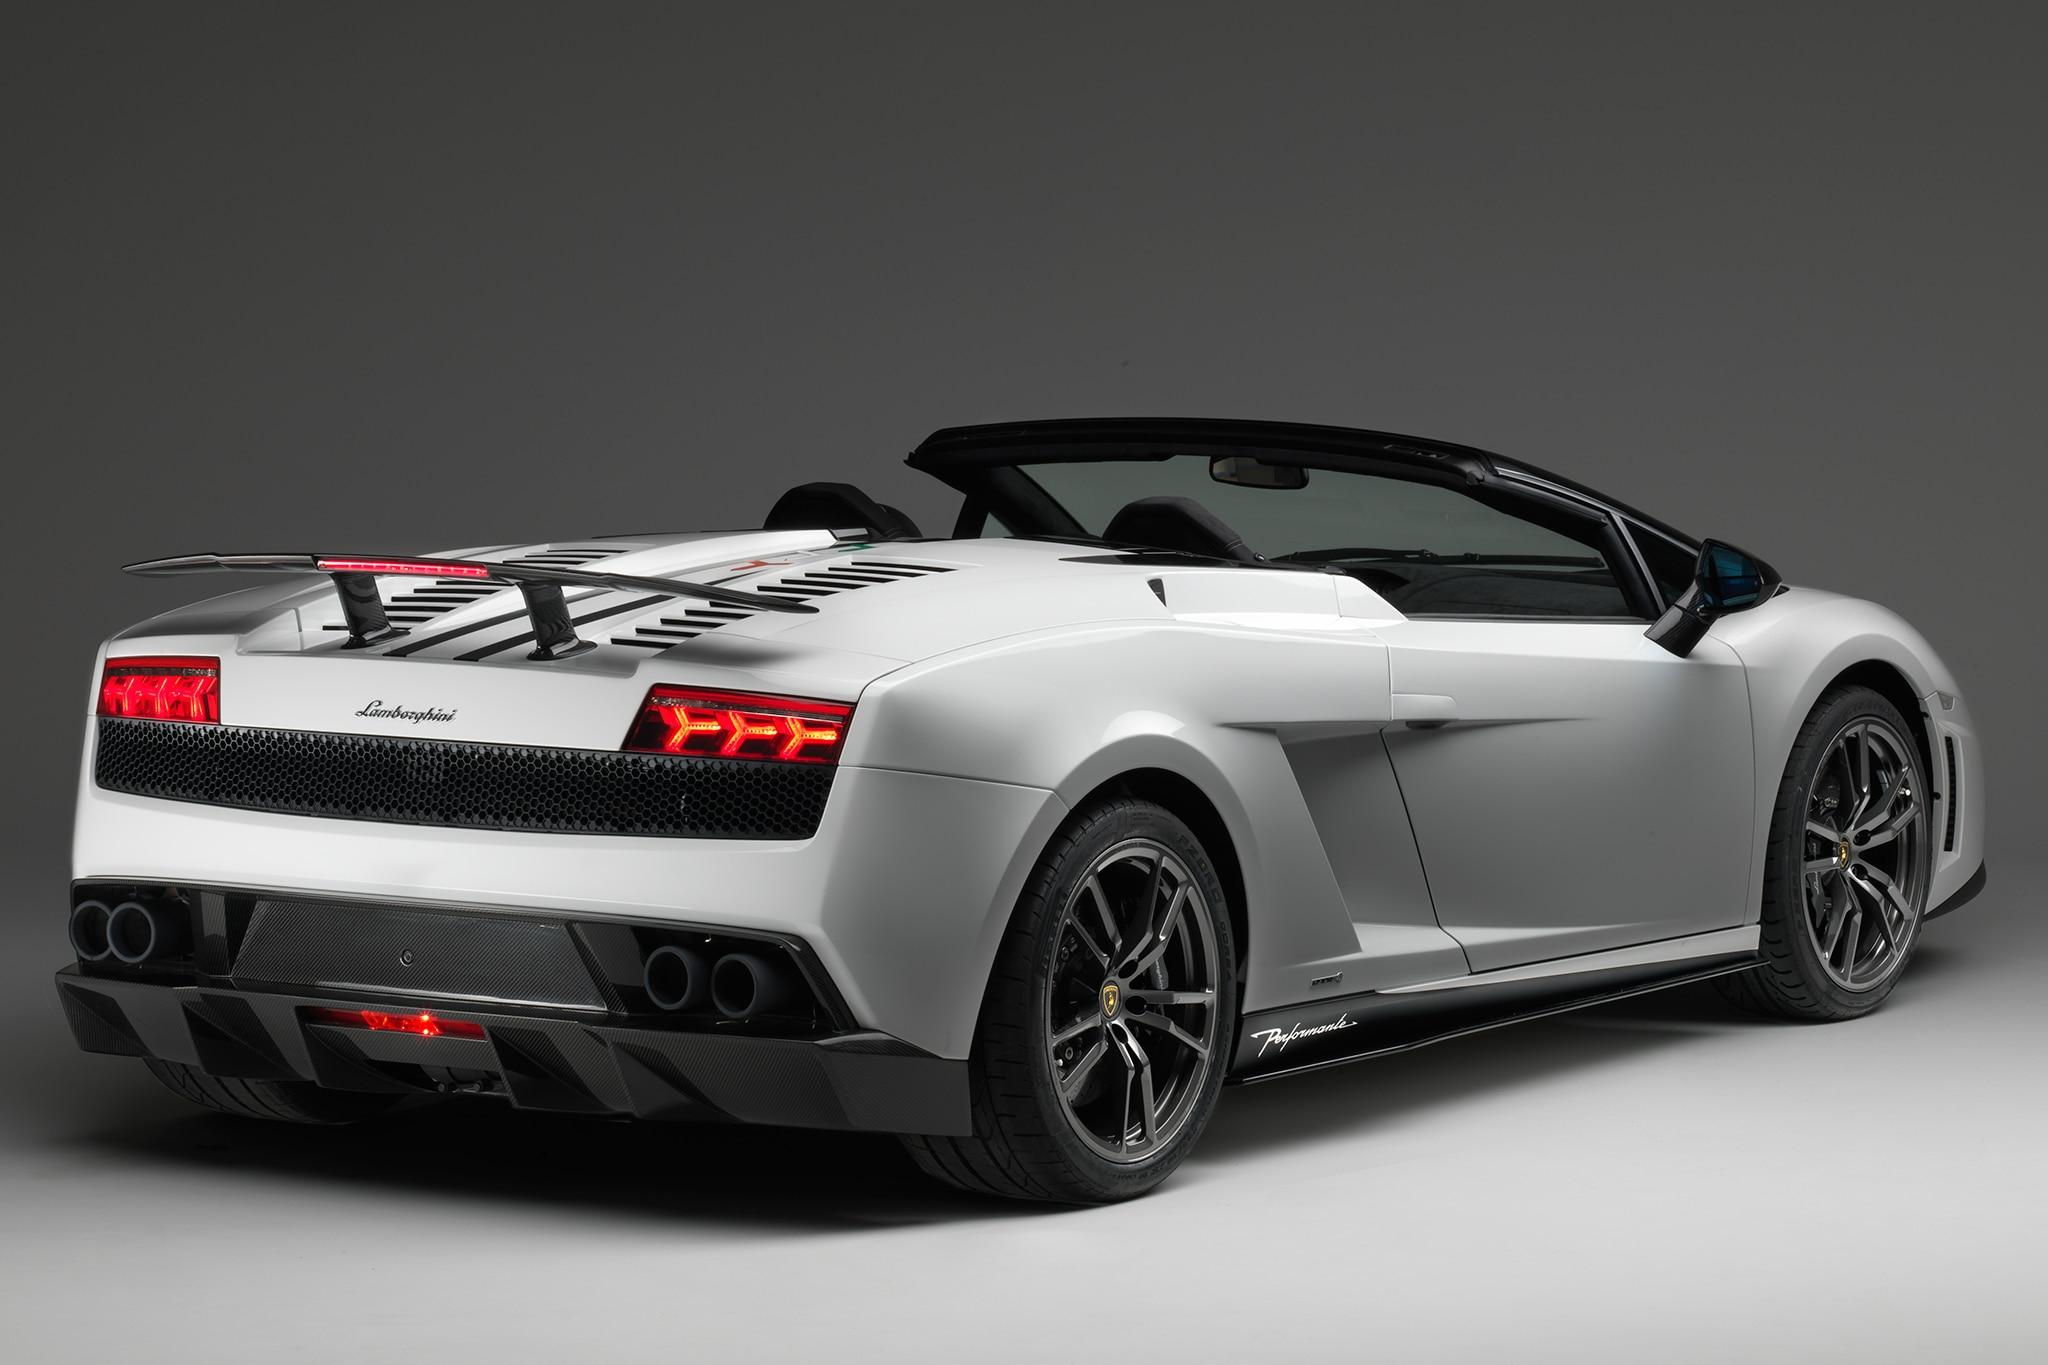 2014 Lamborghini Gallardo LP 570 4 Spyder Performante